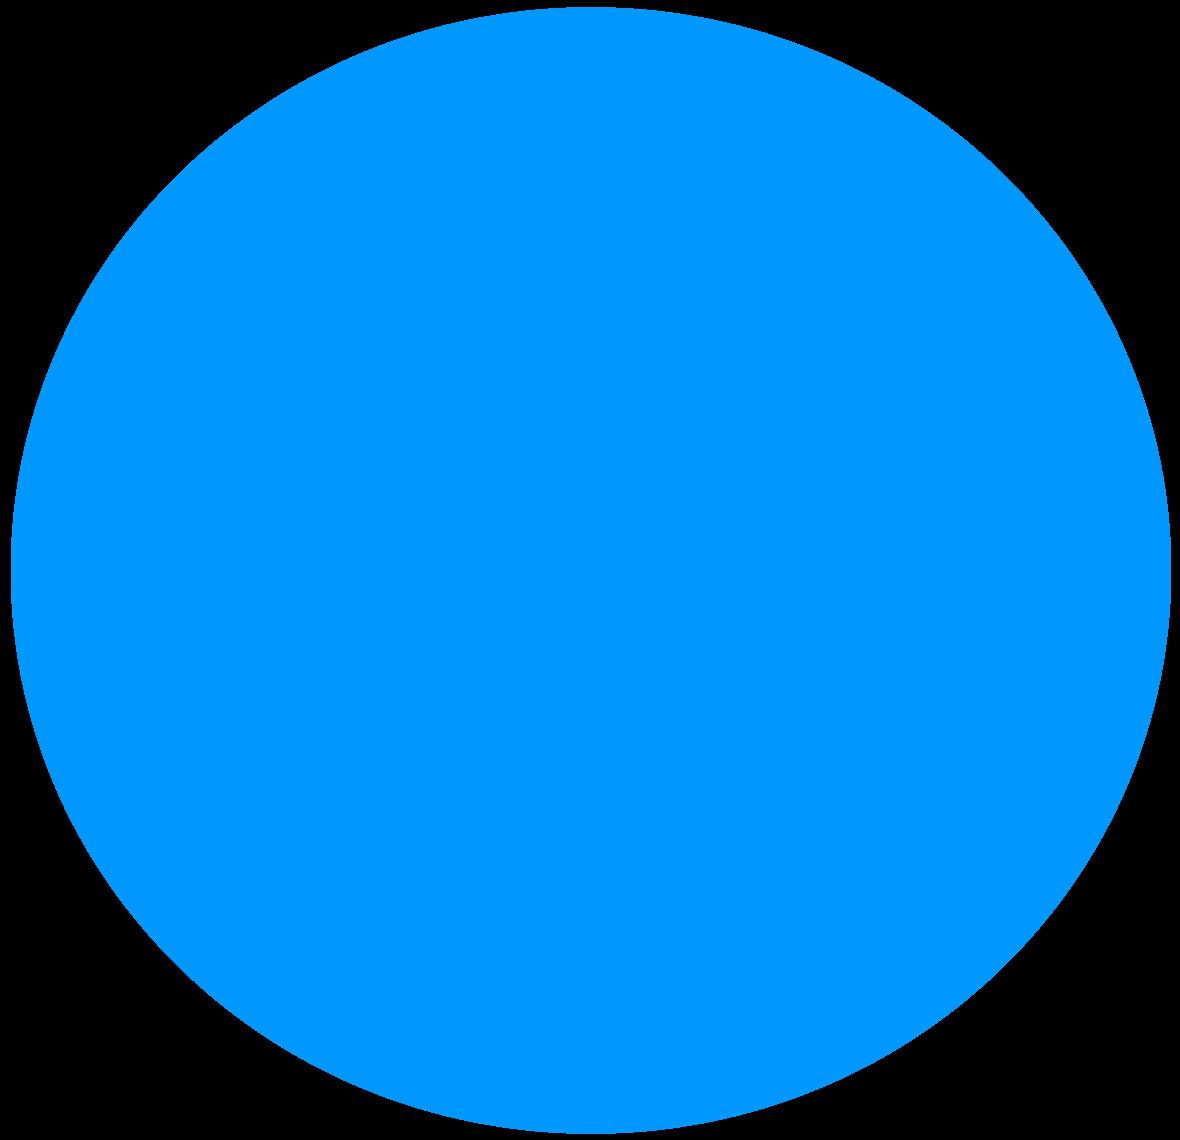 Contrelle Blue Circle